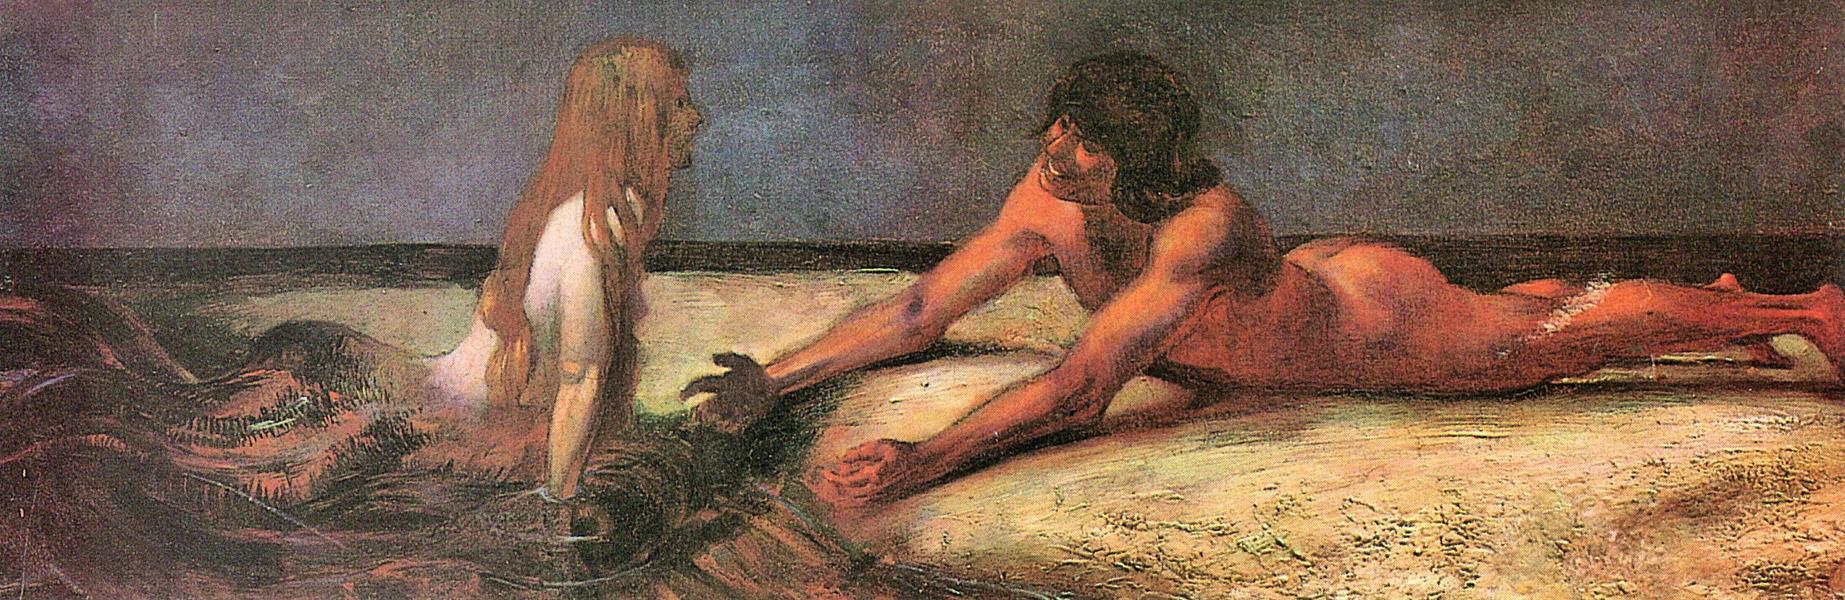 Mermaid by Franz von Stuck